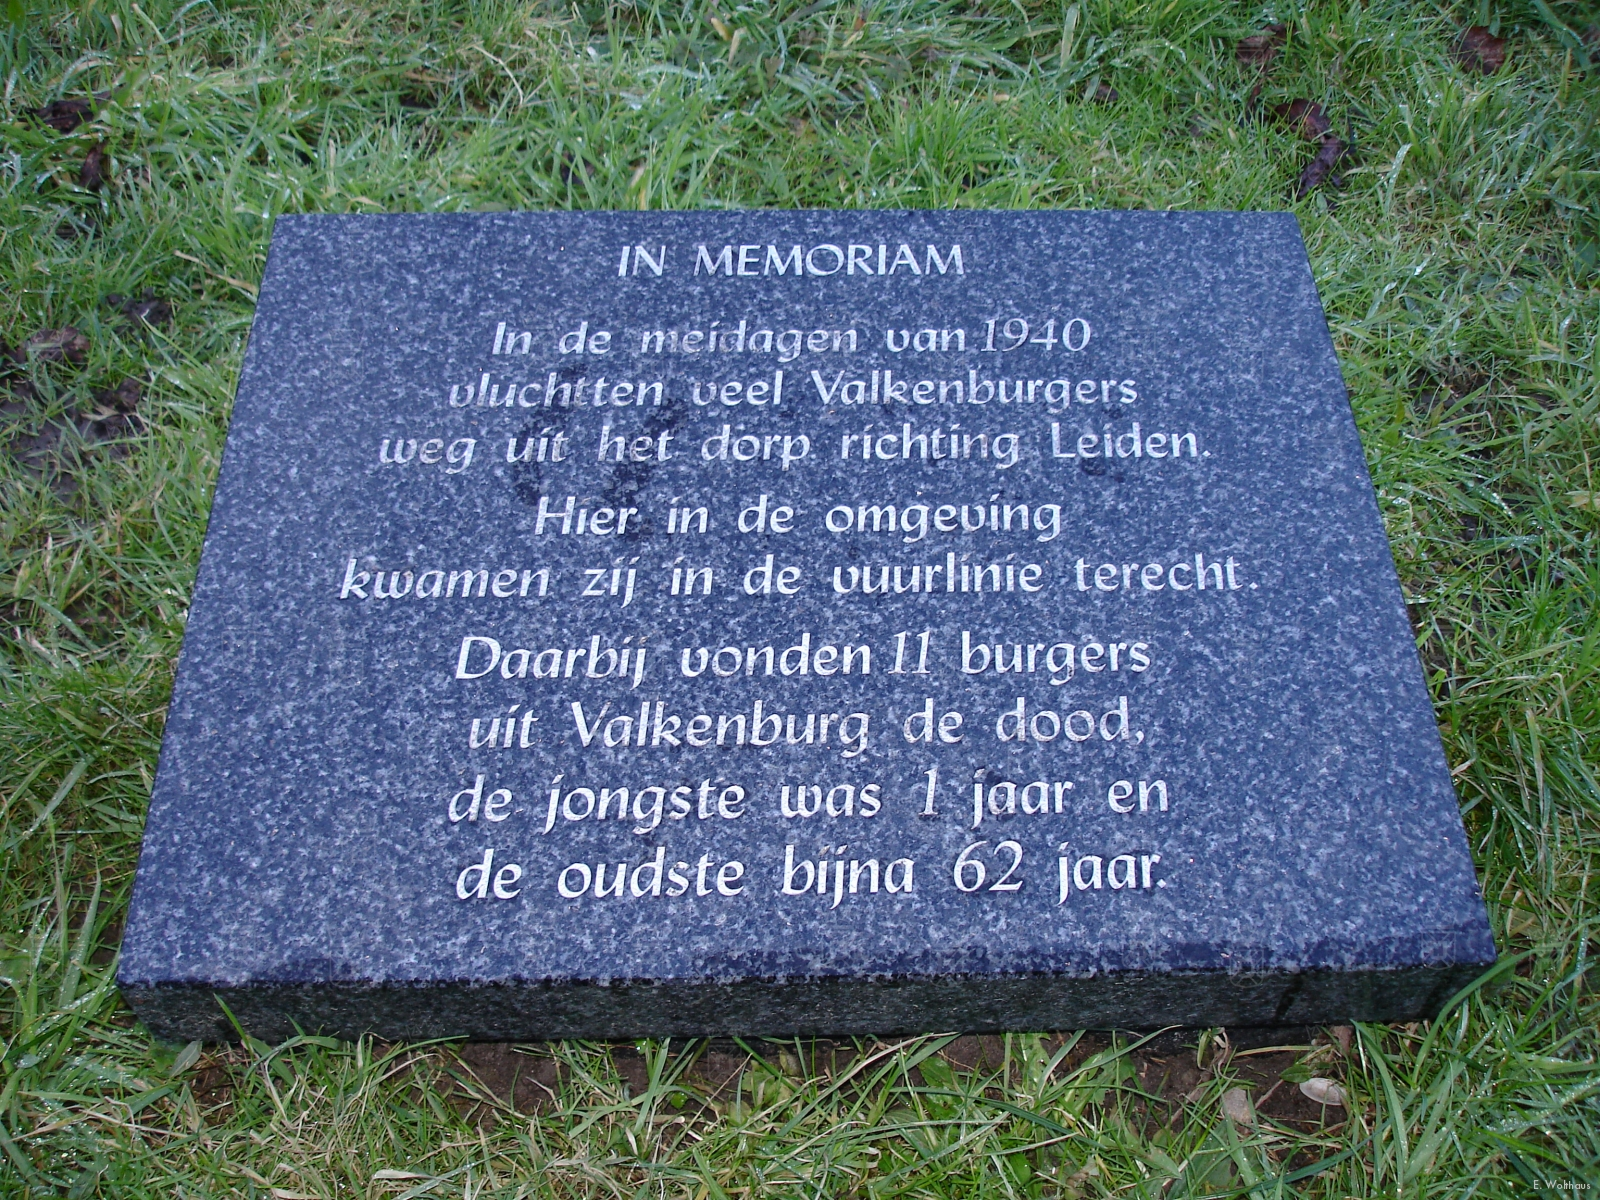 De gedenksteen ter nagedachtenis aan de elf Valkenburgers die sneuvelden tijdens hun vlu.cht naar de Haagsche Schouw op 11 Mei 1940